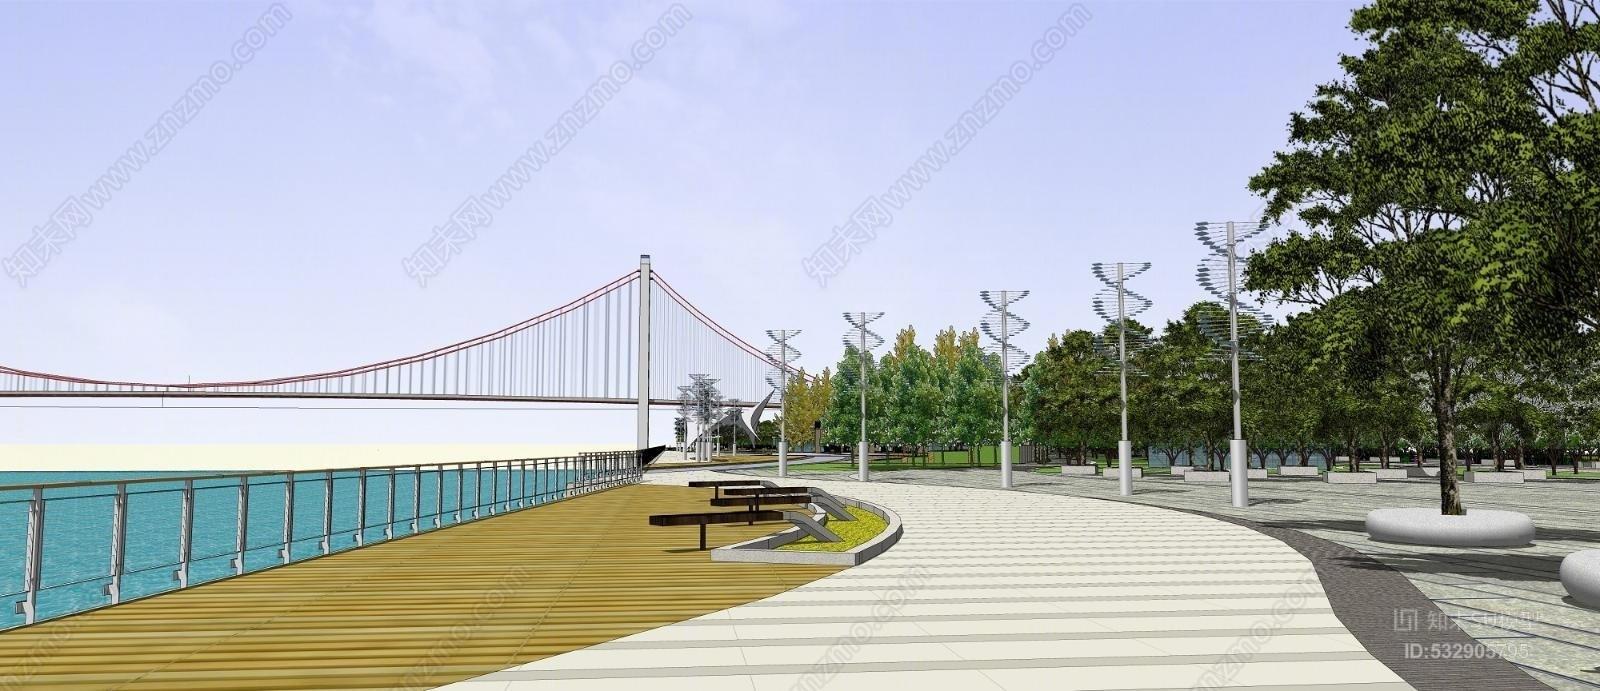 现代公园景观  城市景观 小公园 斜拉桥